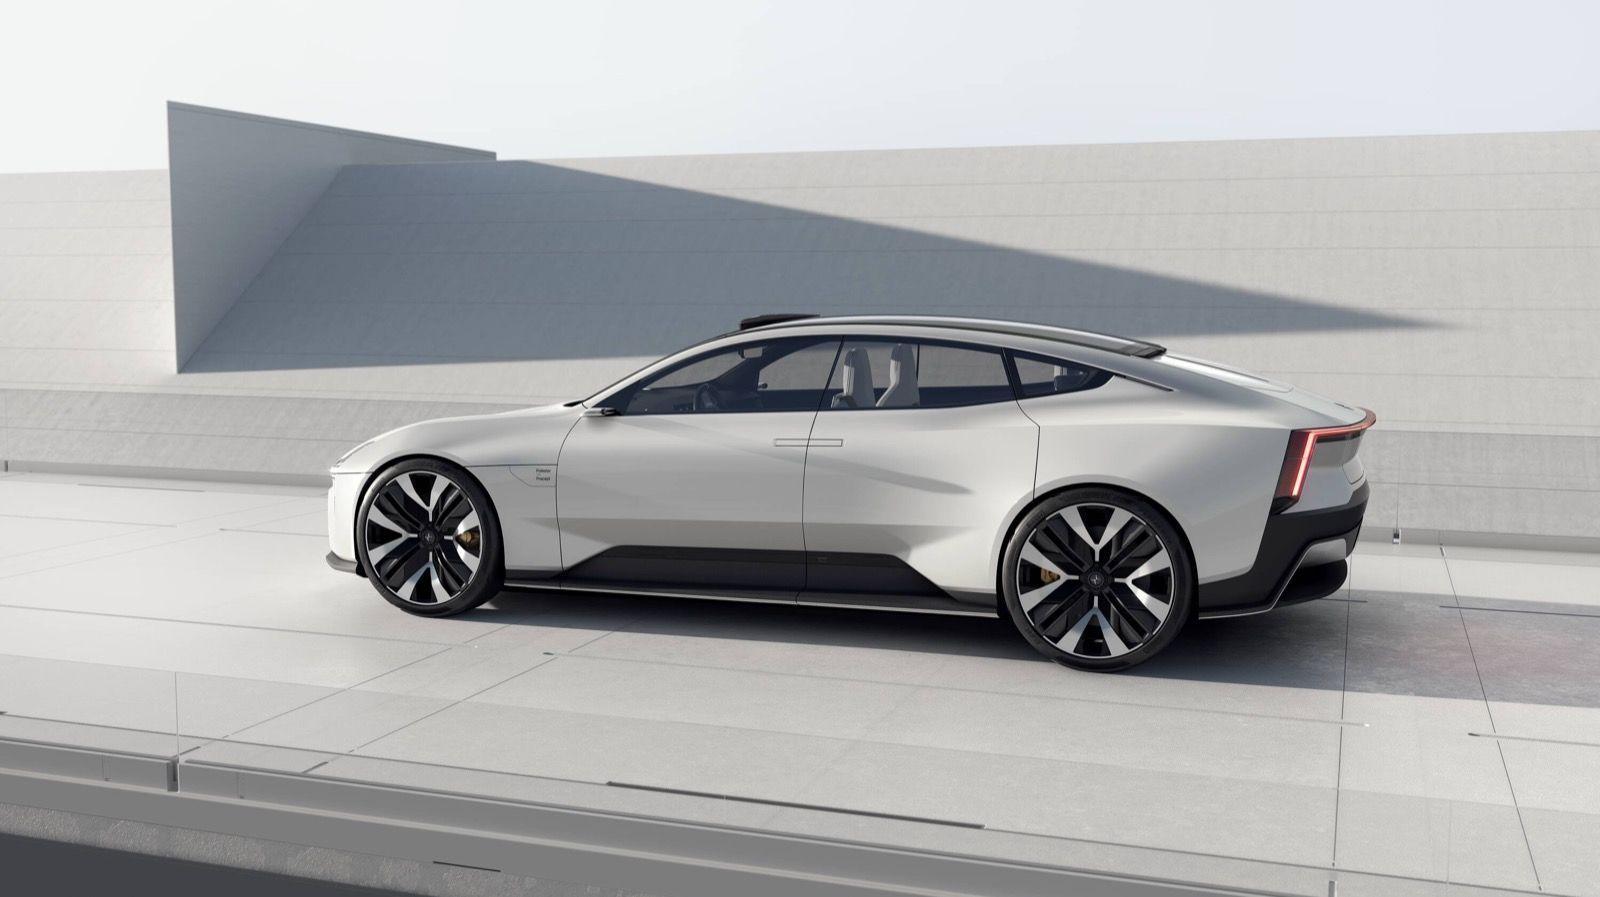 ポールスターの新コンセプトカーは 先進テクノロジーとリサイクル素材で新たな高級車像を提示 Engadget 日本版 2020 コンセプトカー 高級車 ボルボ